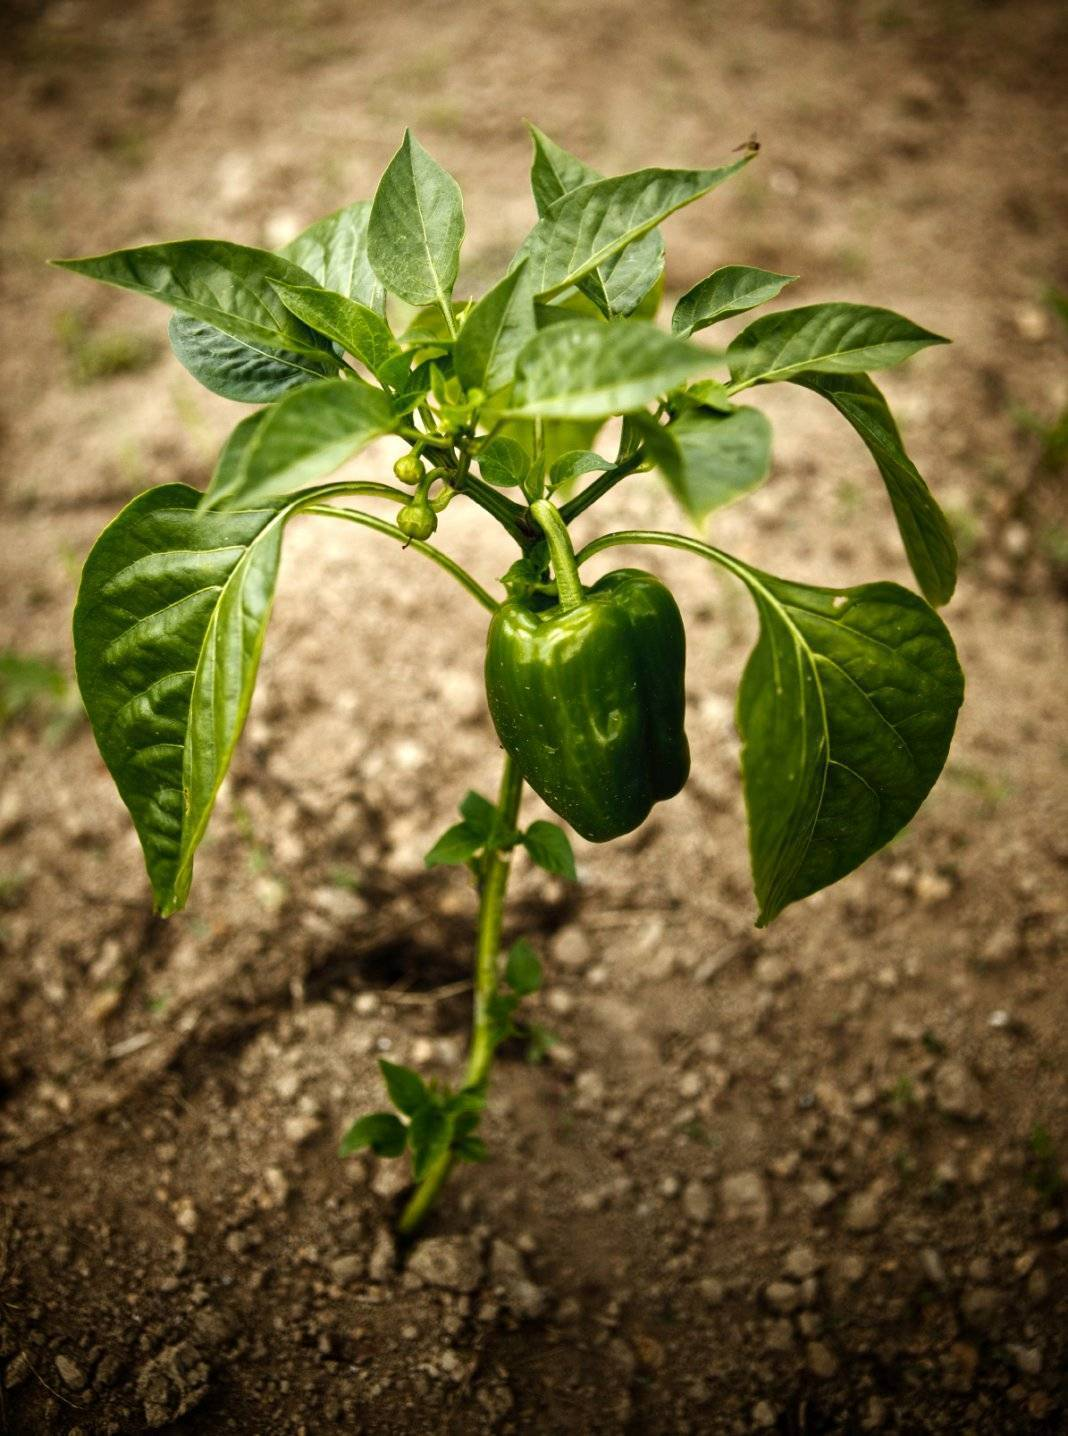 Как правильно прищипывать перец в рассаде: советы и рекомендации